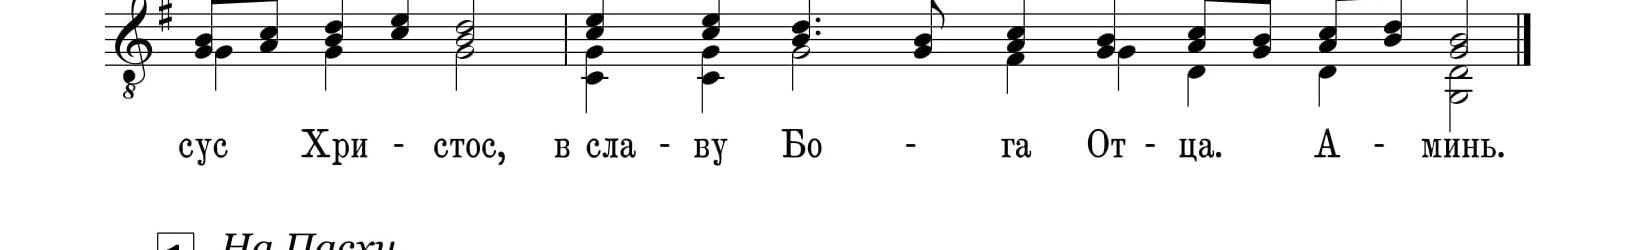 Причастные стихи всей седмицы (Матфей)